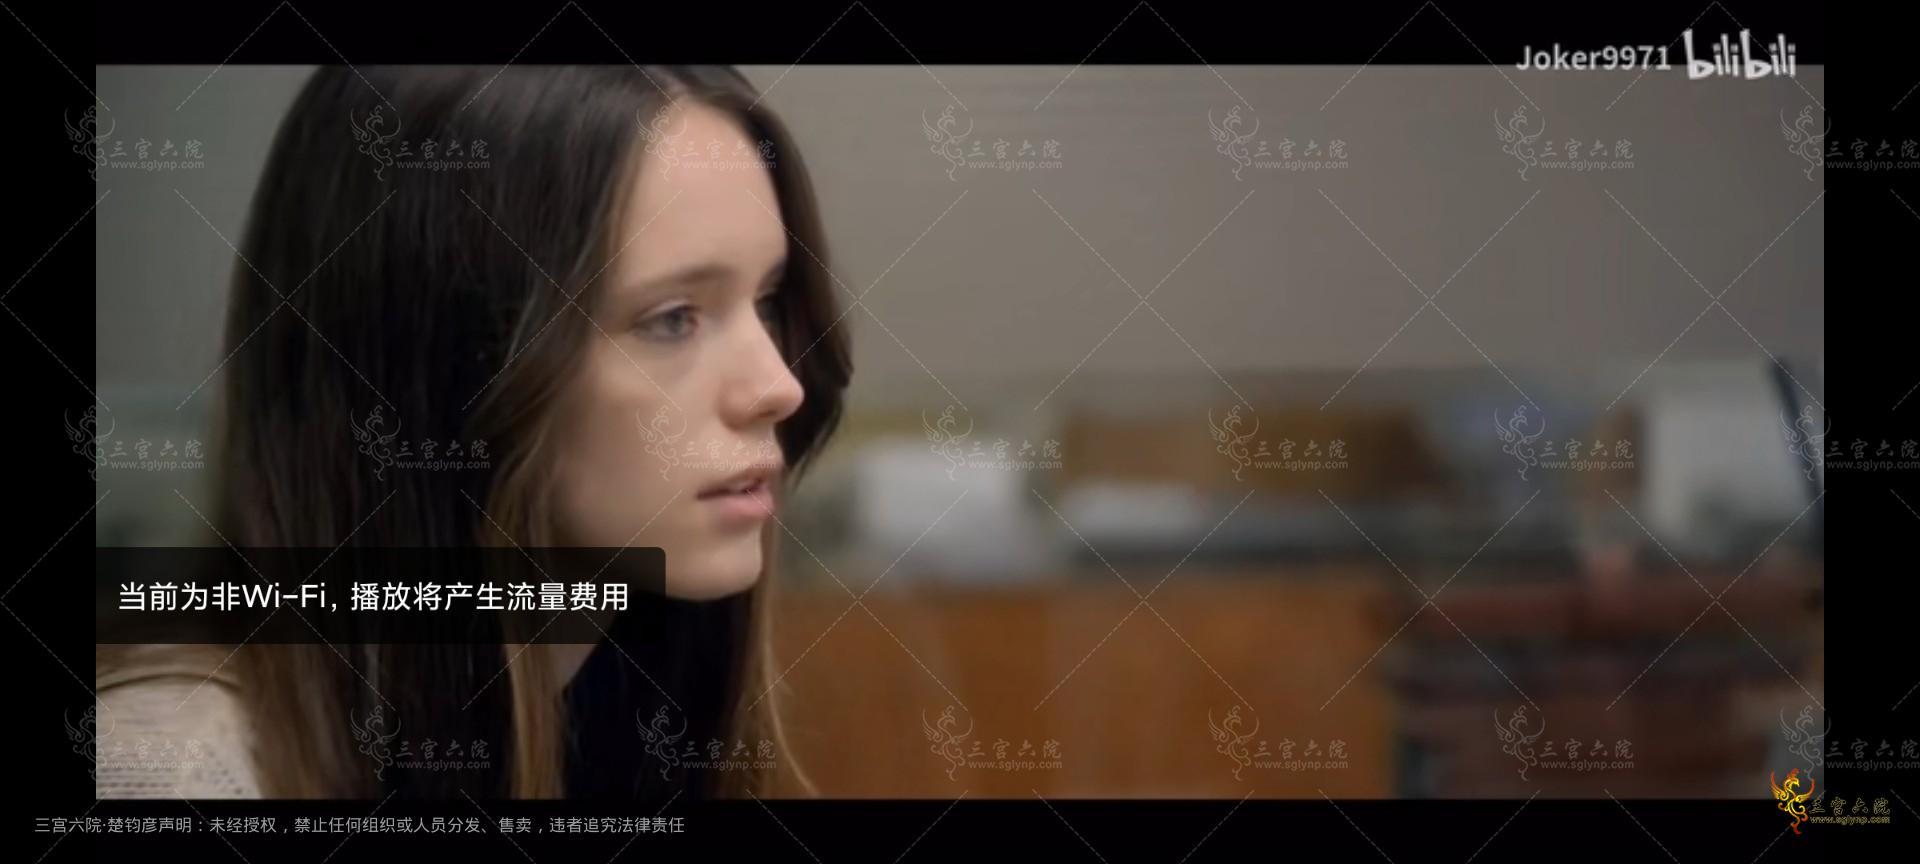 Screenshot_2021-10-10-11-55-48-574_tv.danmaku.bil.jpg